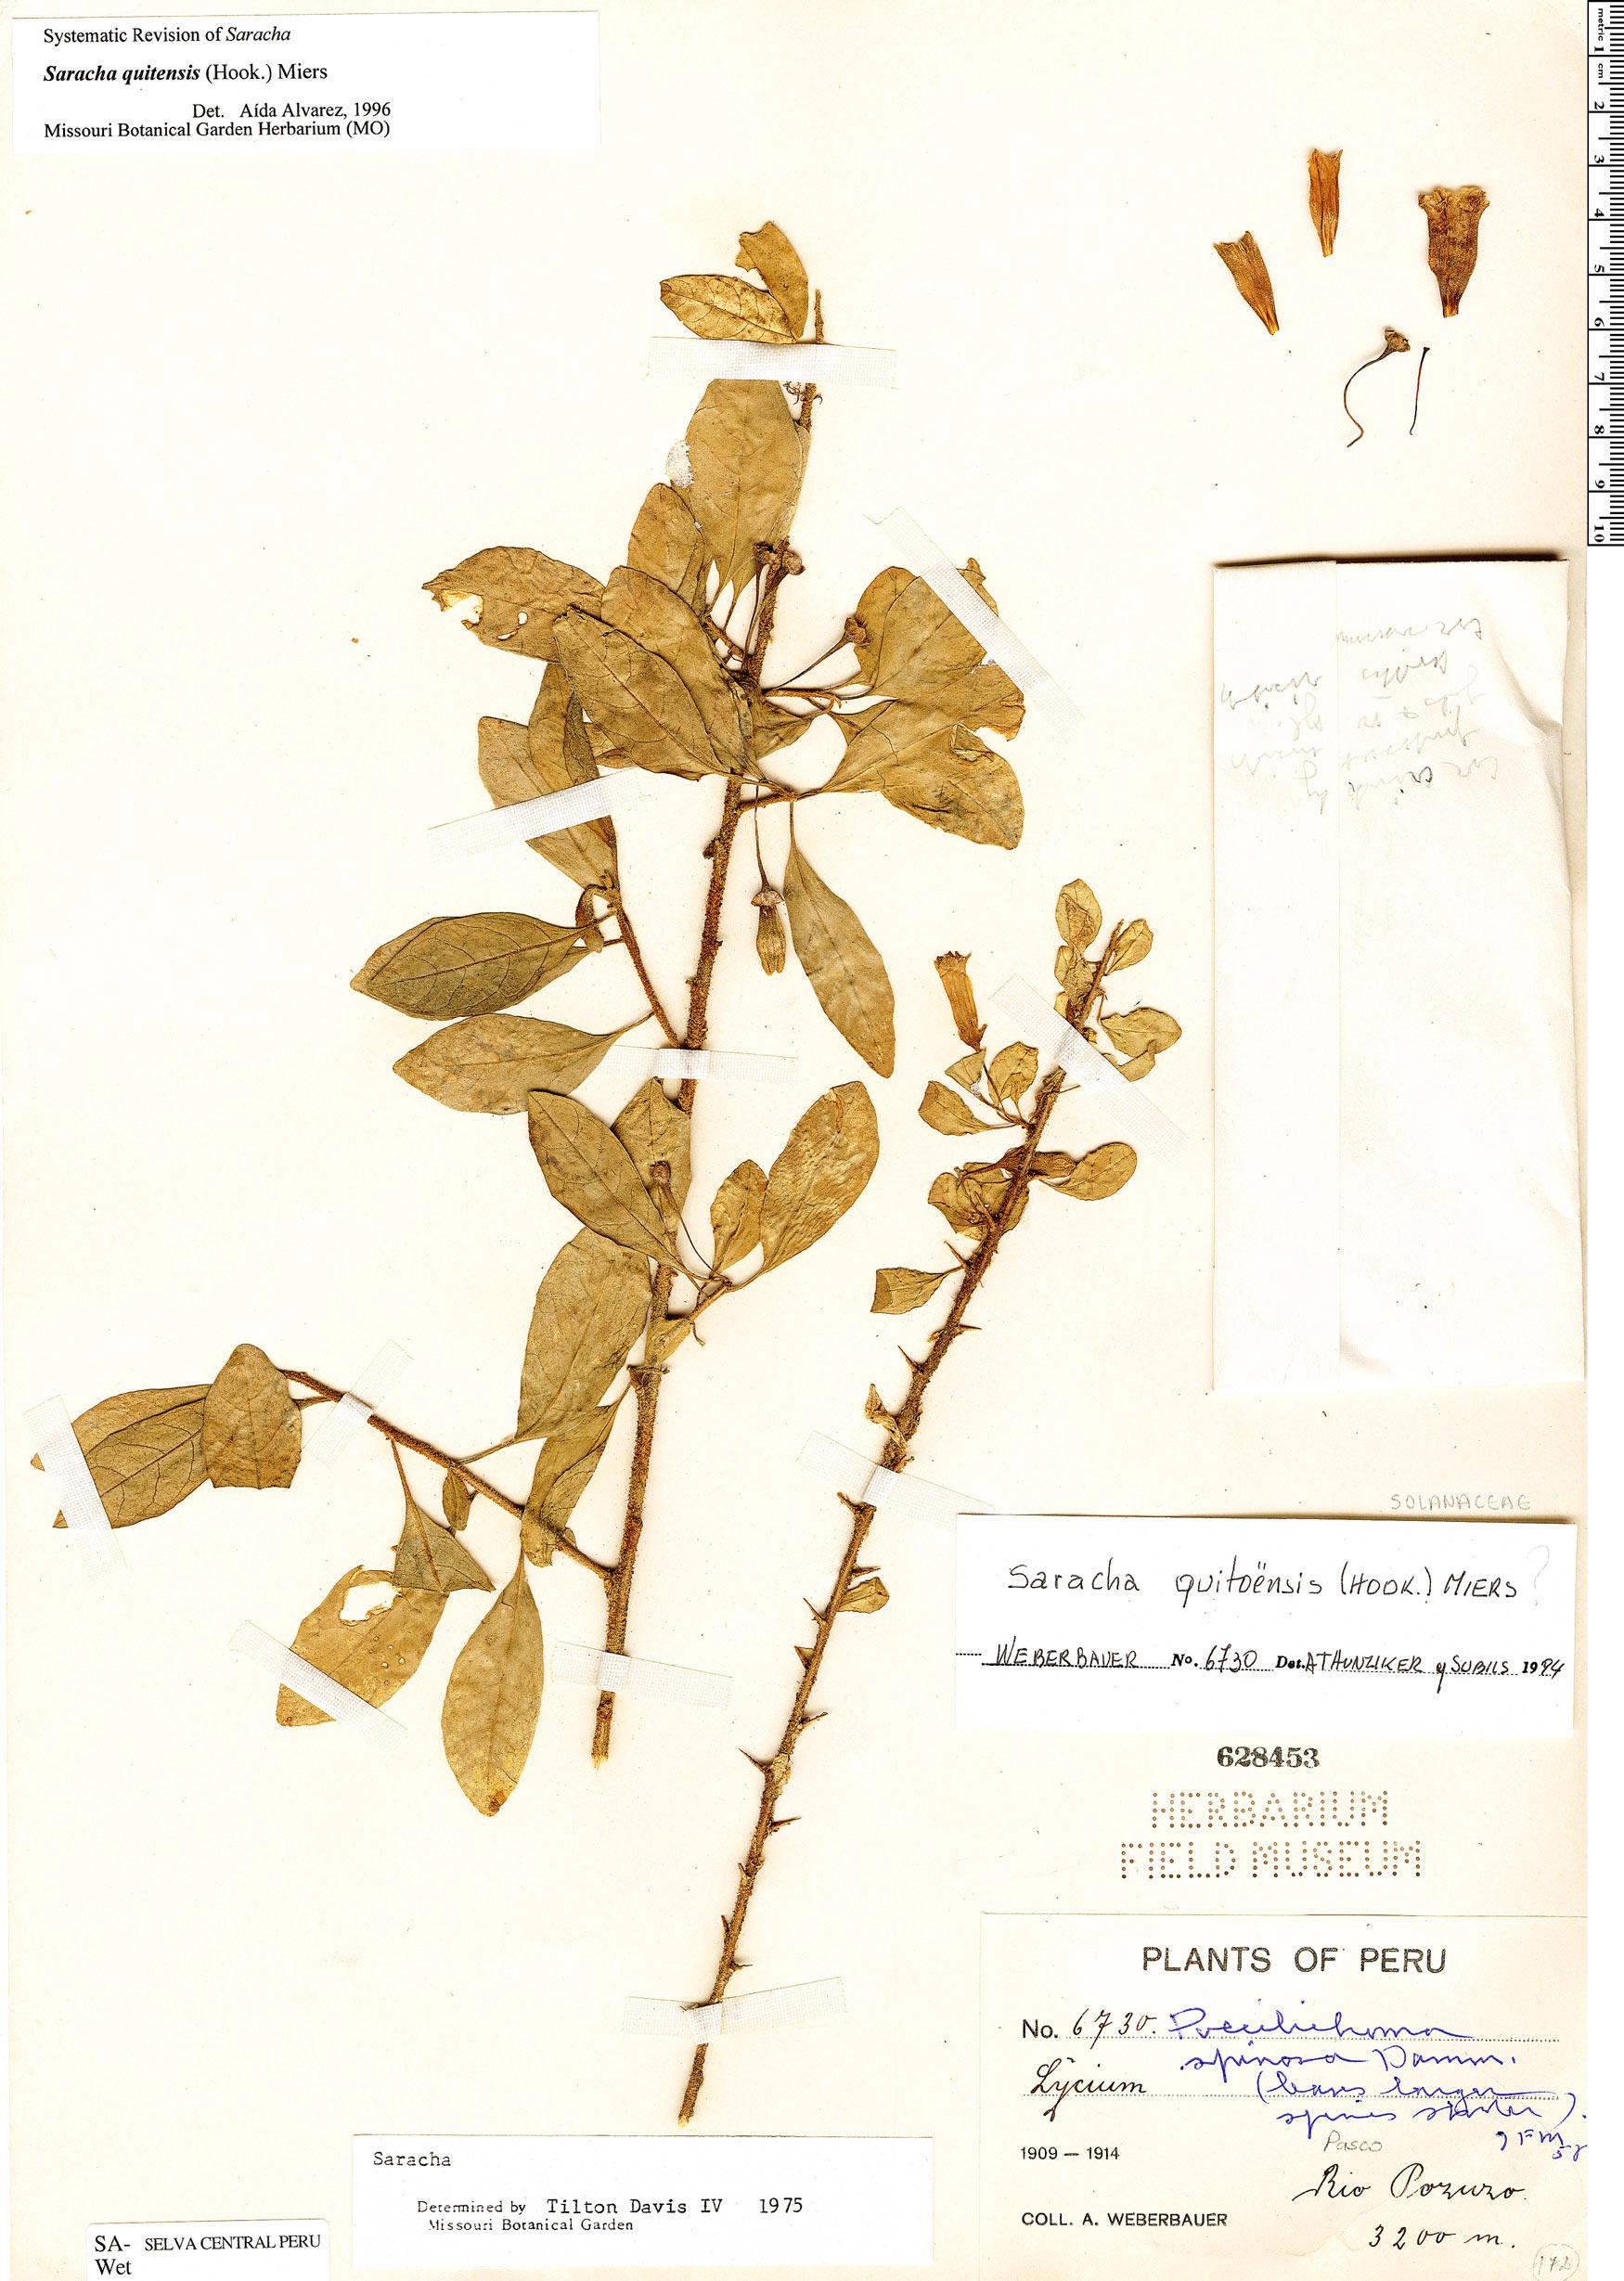 Espécime: Saracha quitensis